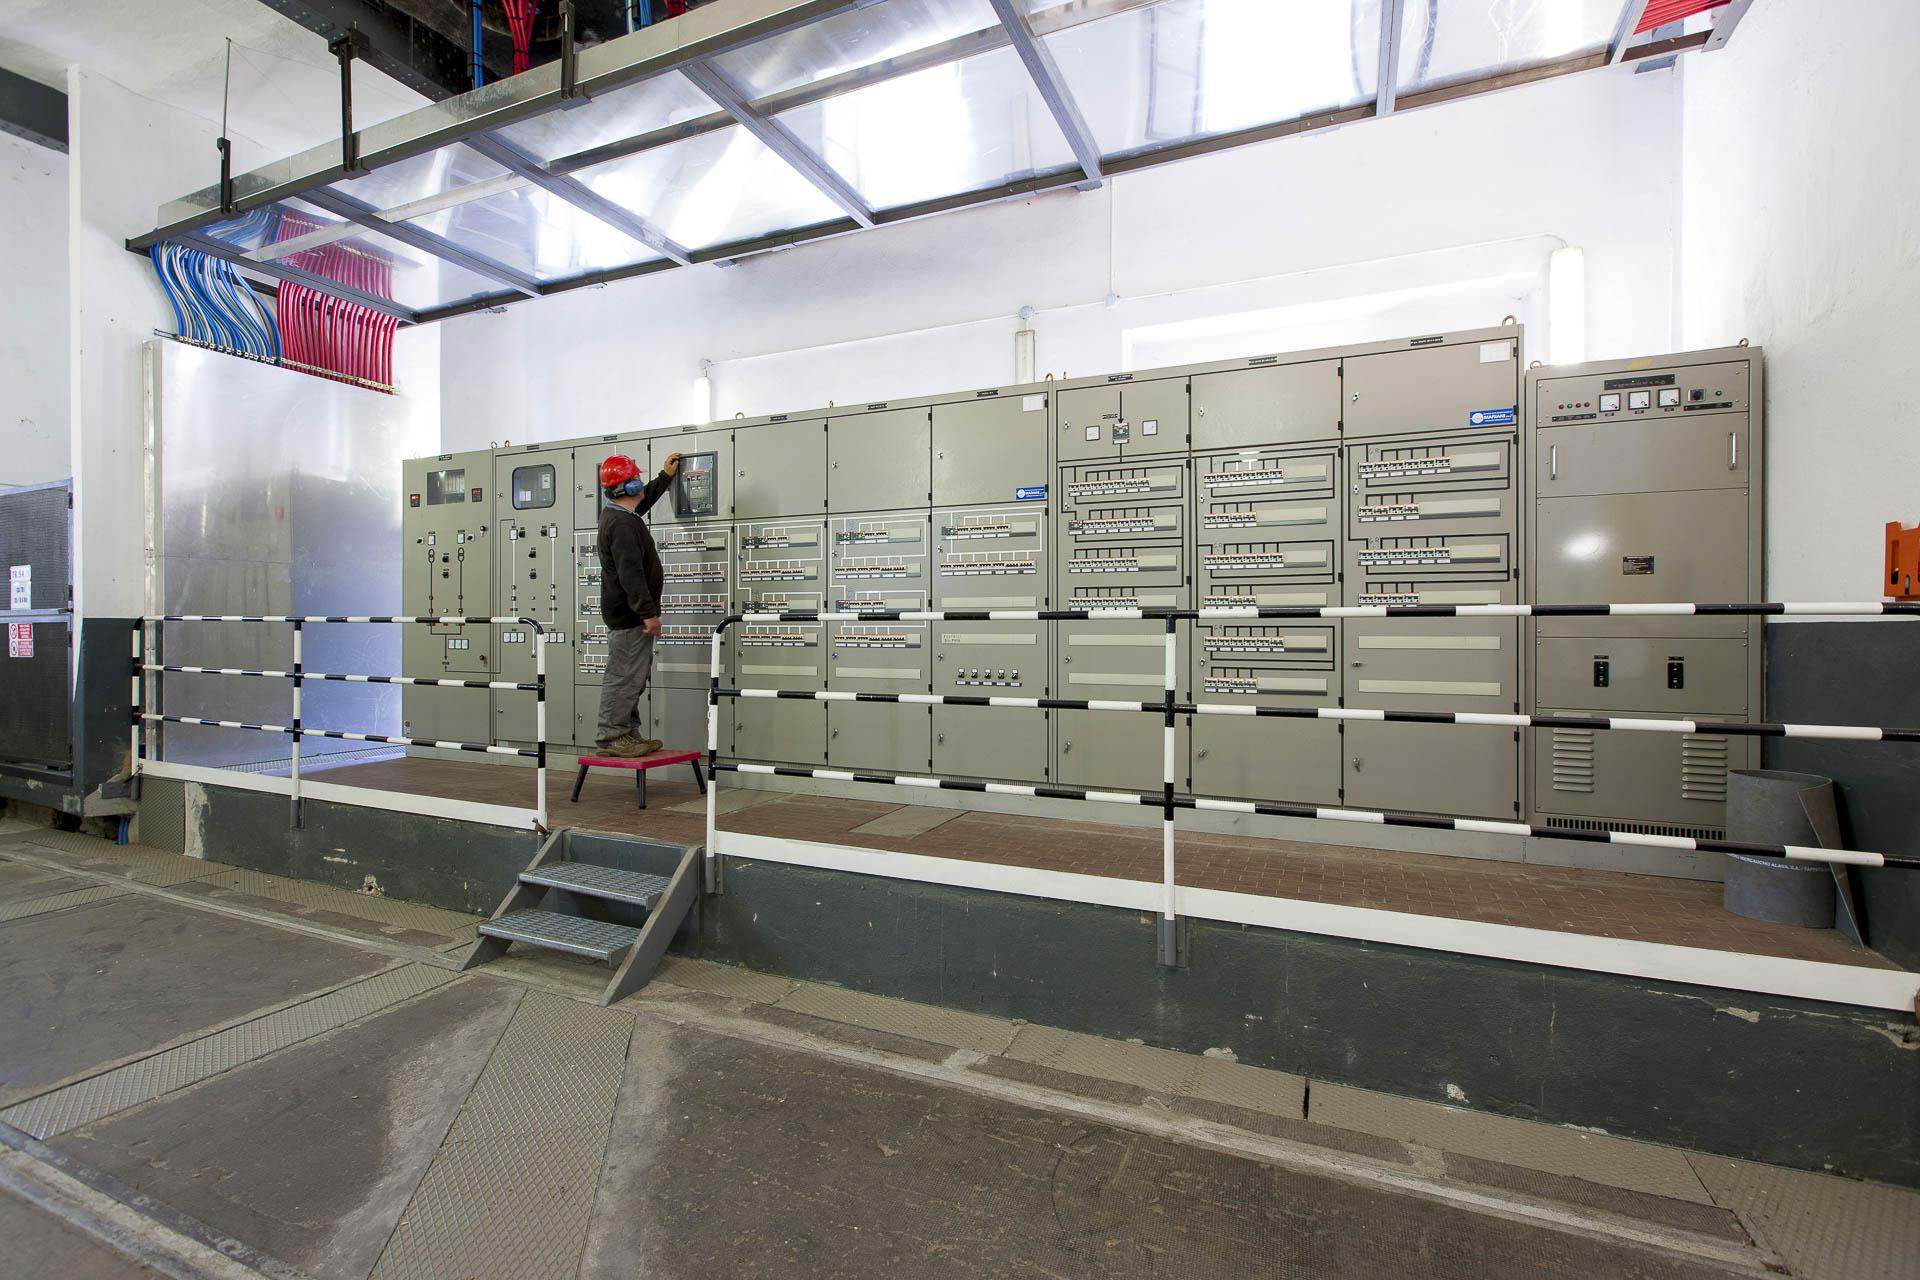 Centrale produzione idroelettrica rinnovabile Verres CVA pannello controllo macchine